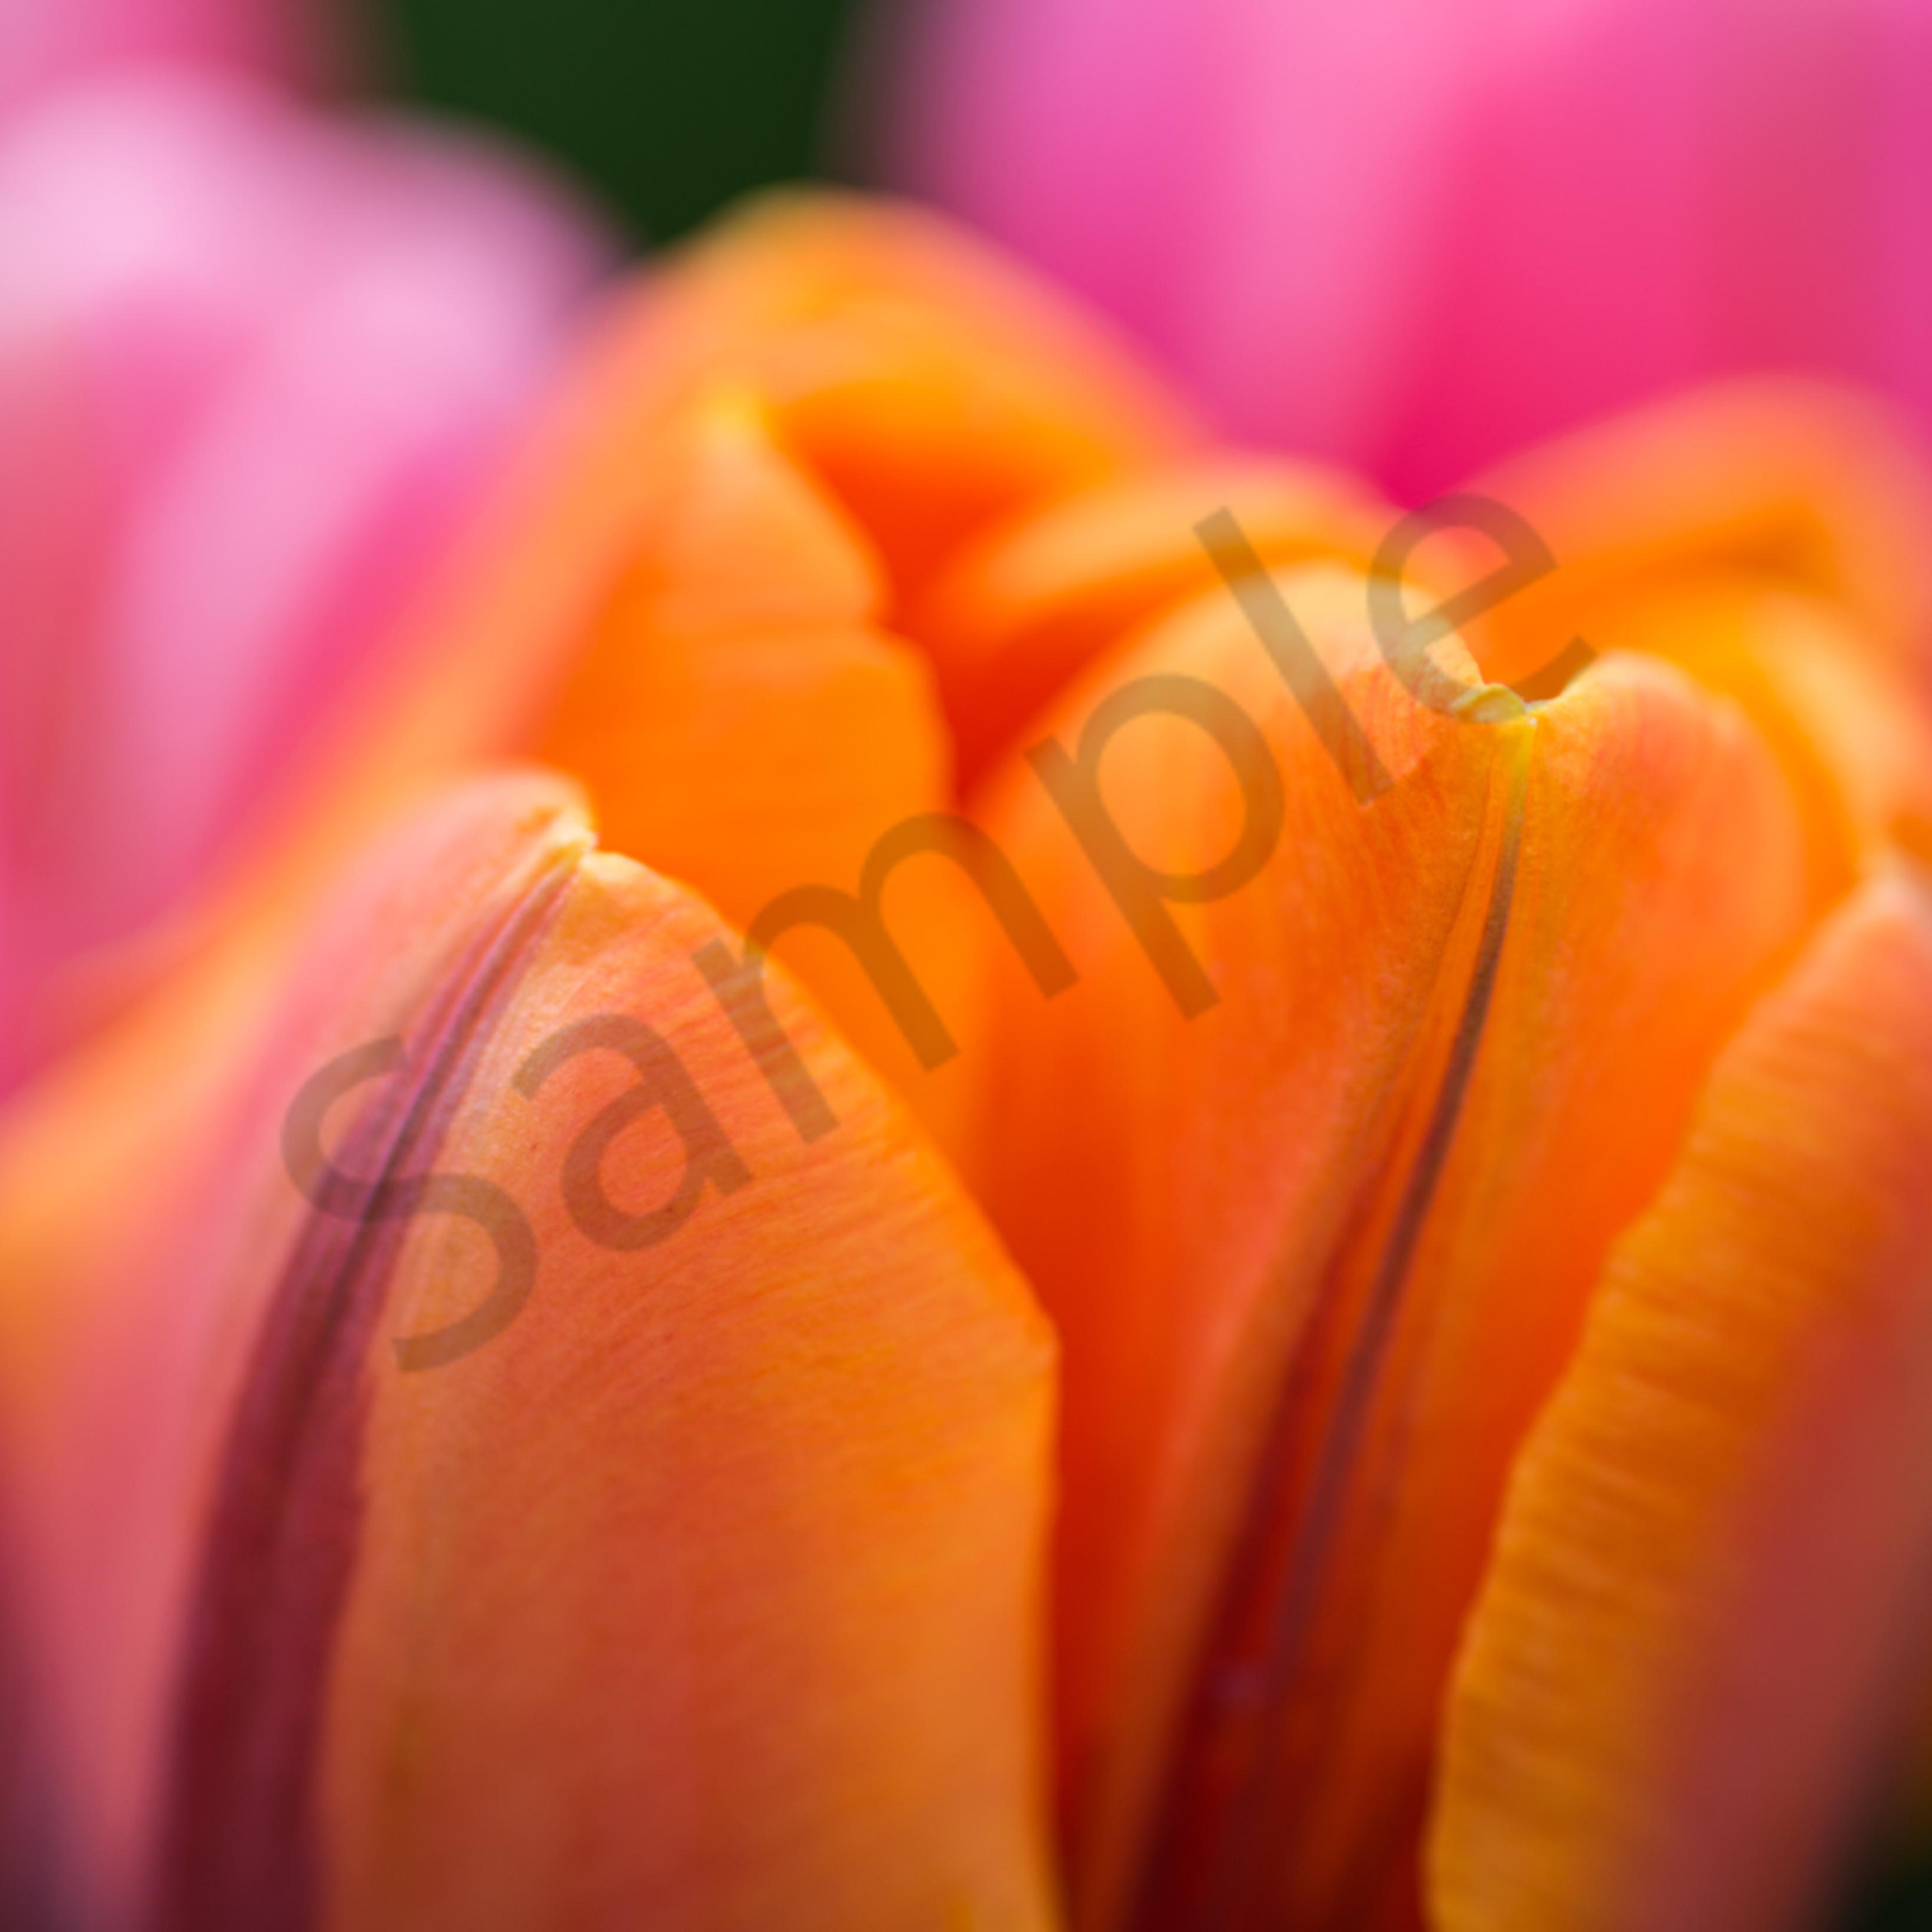 Tulips 1 ii8r8s